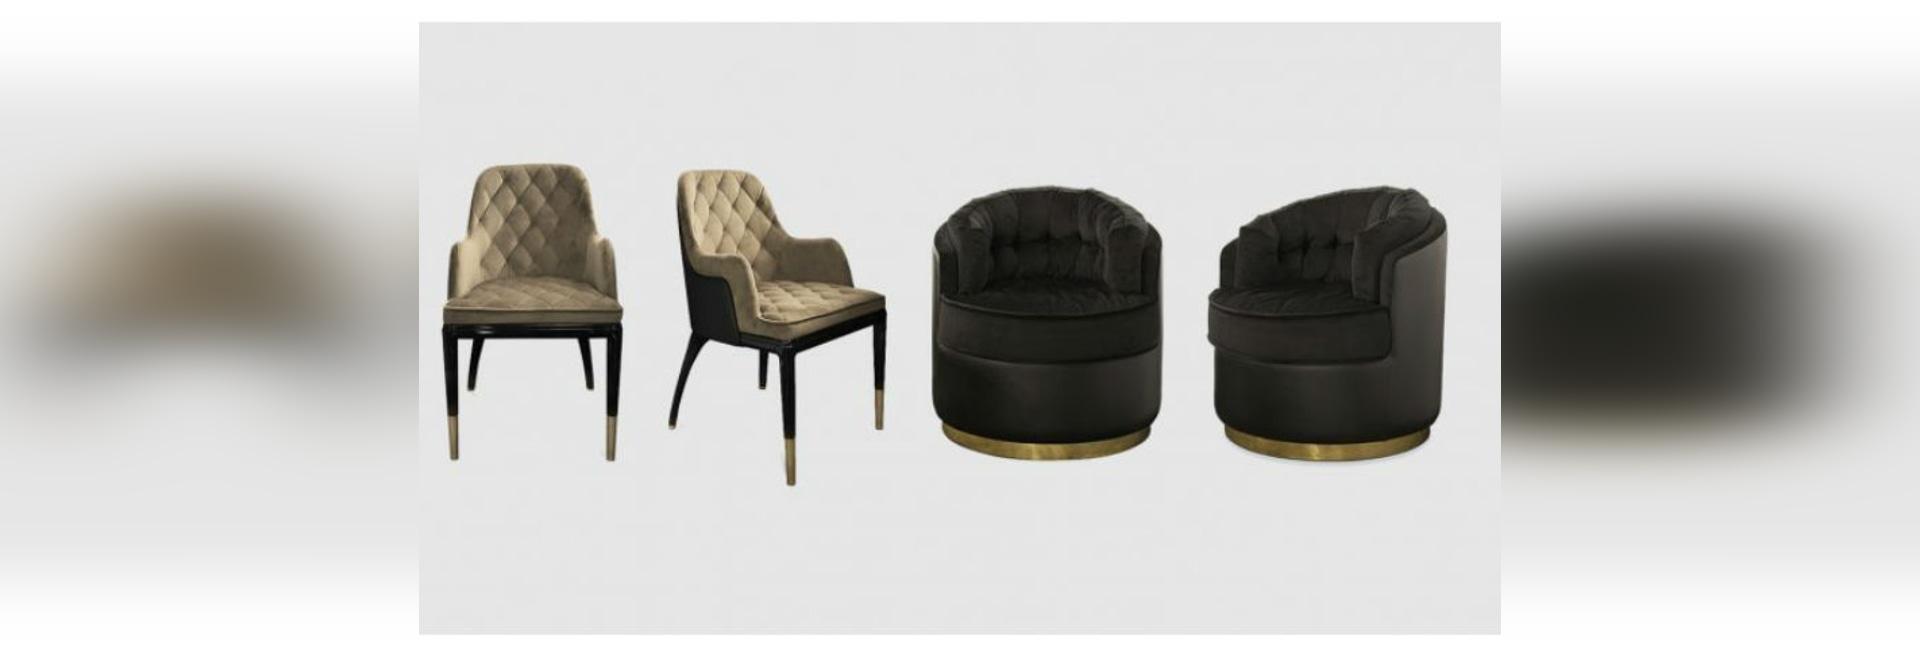 Neue Zusätze Luxxus zur Luxusmöbel-Sammlung umfassen eine erstaunliche Kristallsuspendierung und einen opulenten Samtlehnsessel